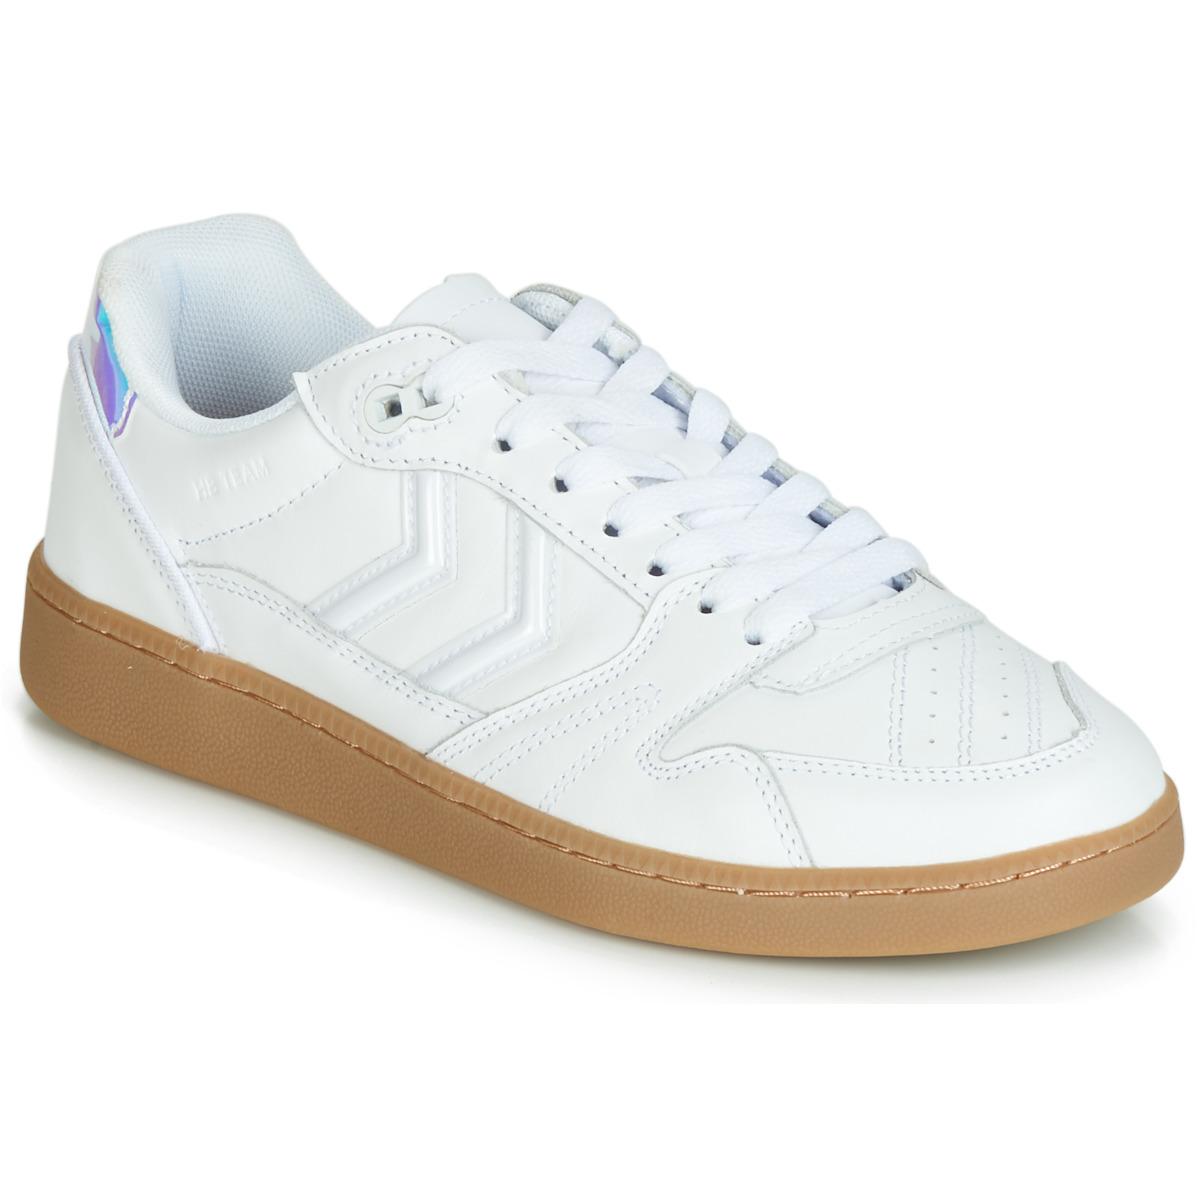 Sneakers Hummel  HB TEAM SNOW BLIND